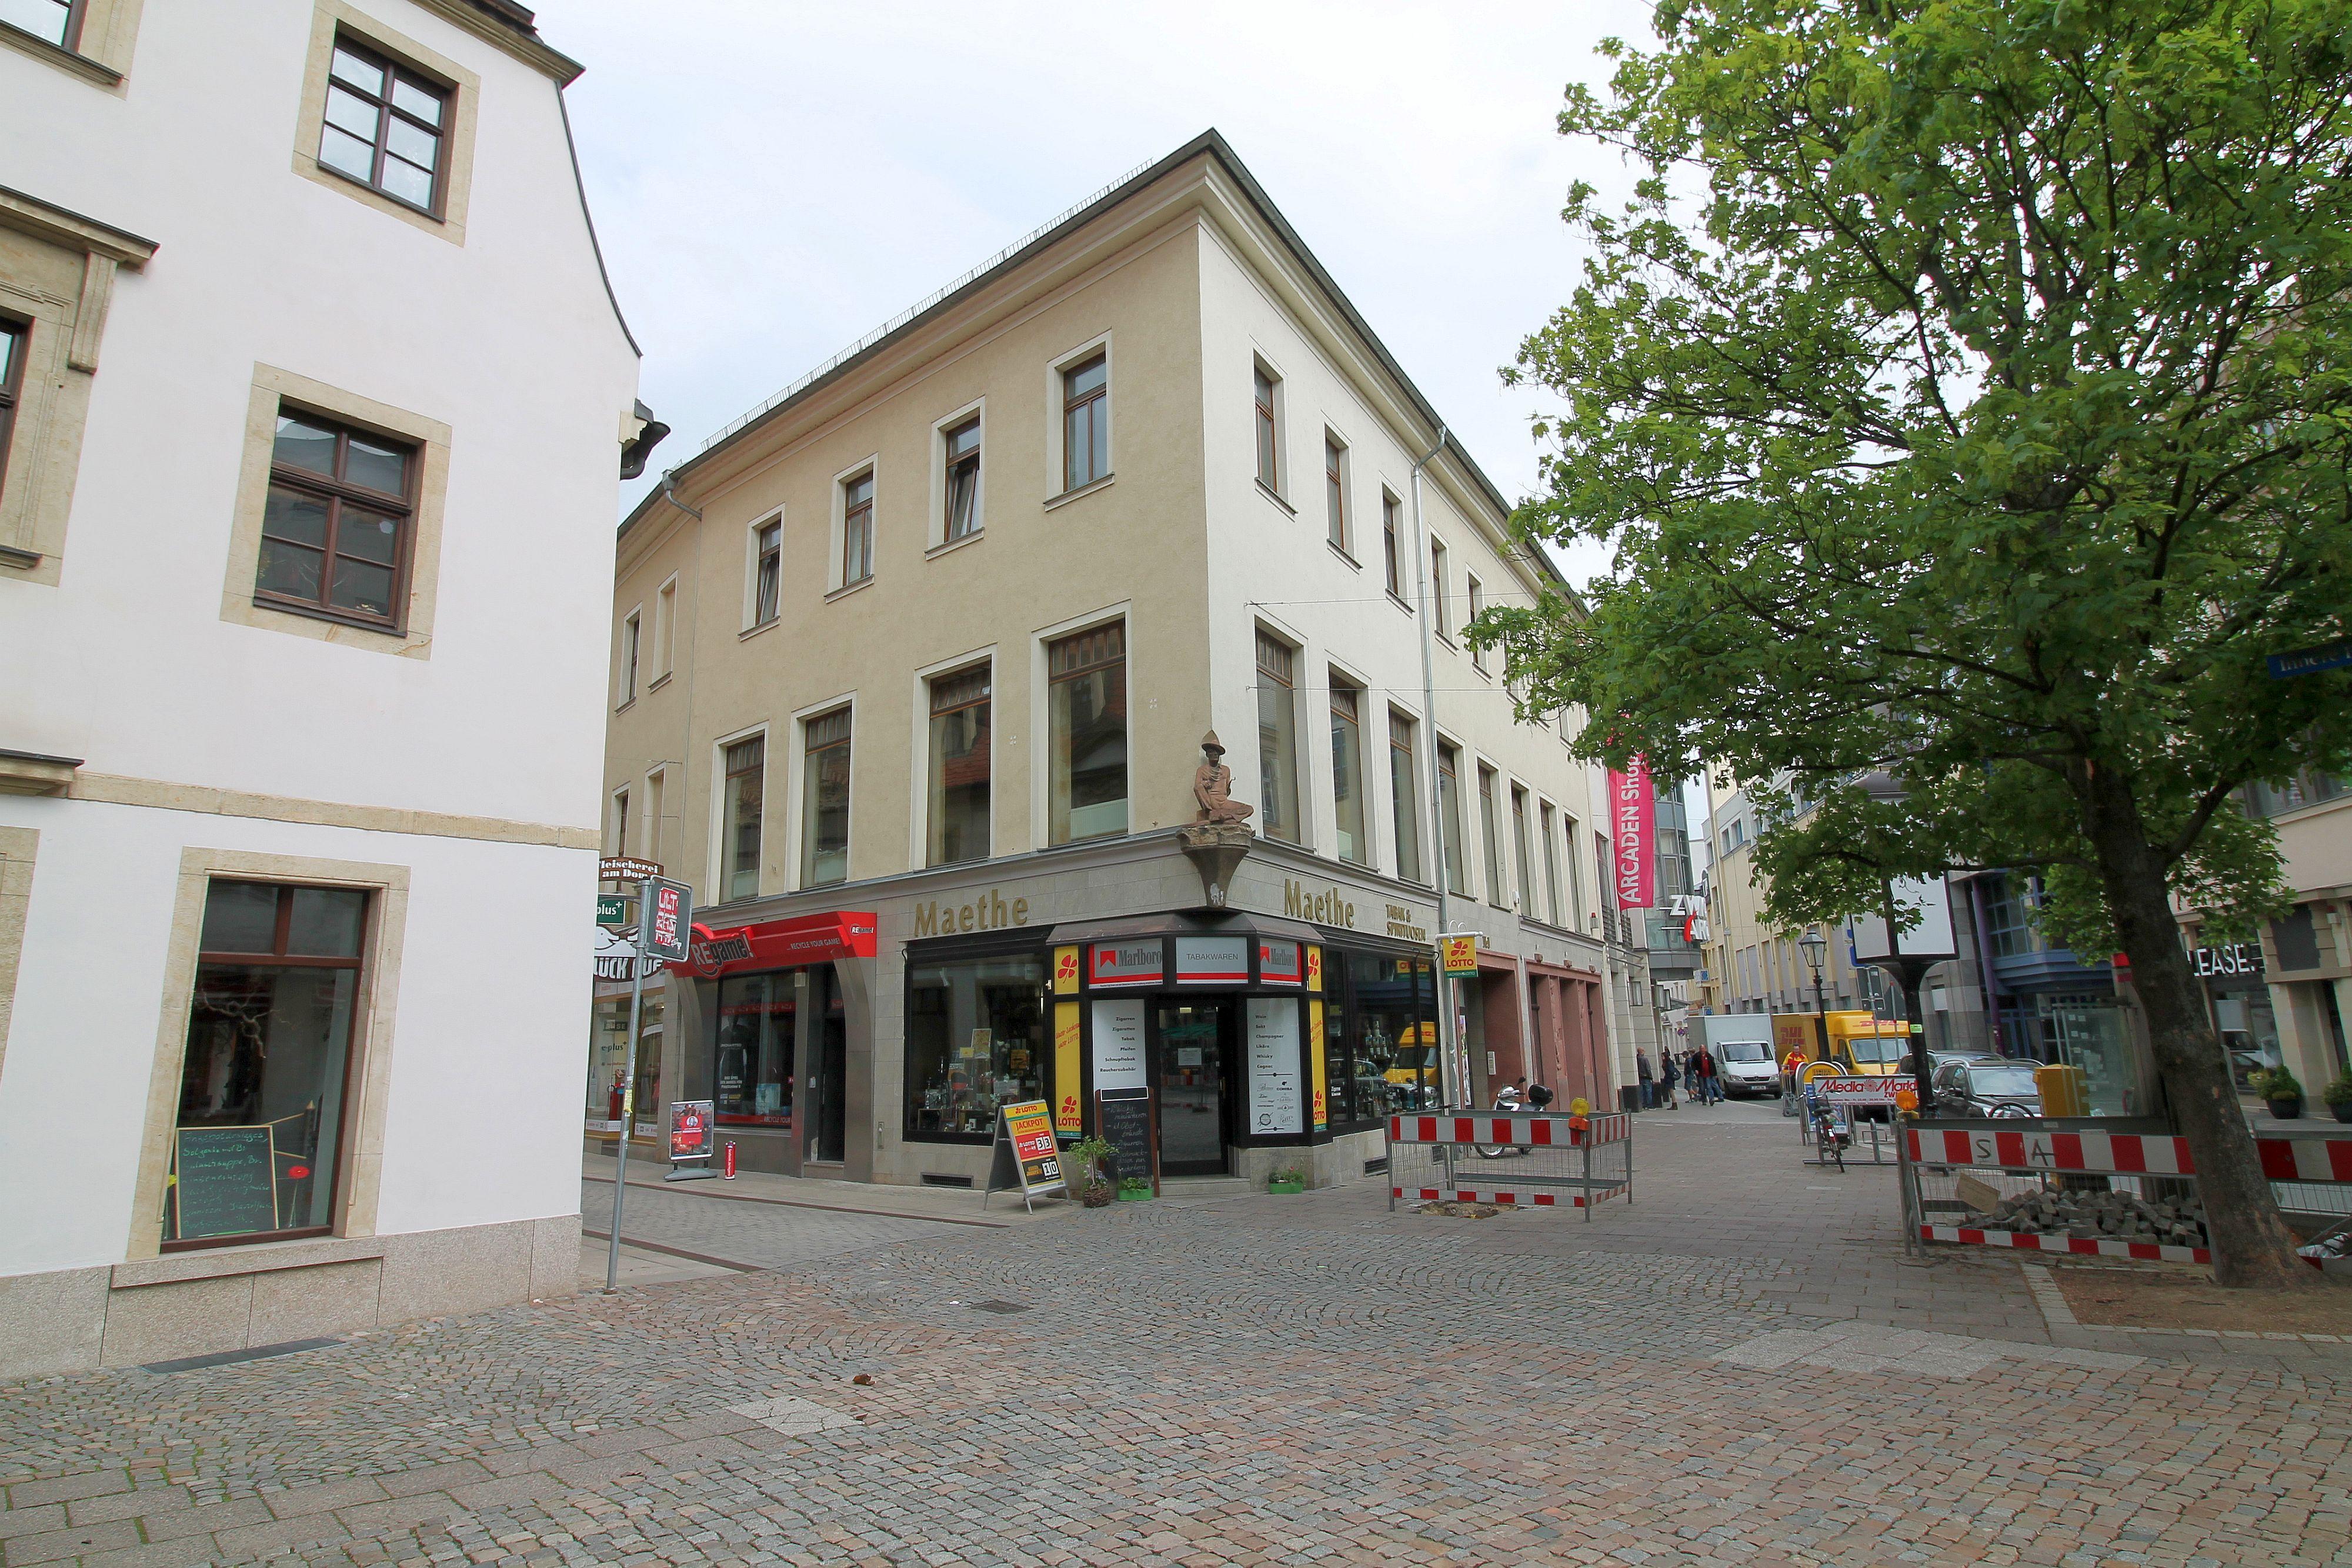 can consult Bekanntschaften kornwestheim congratulate, what words